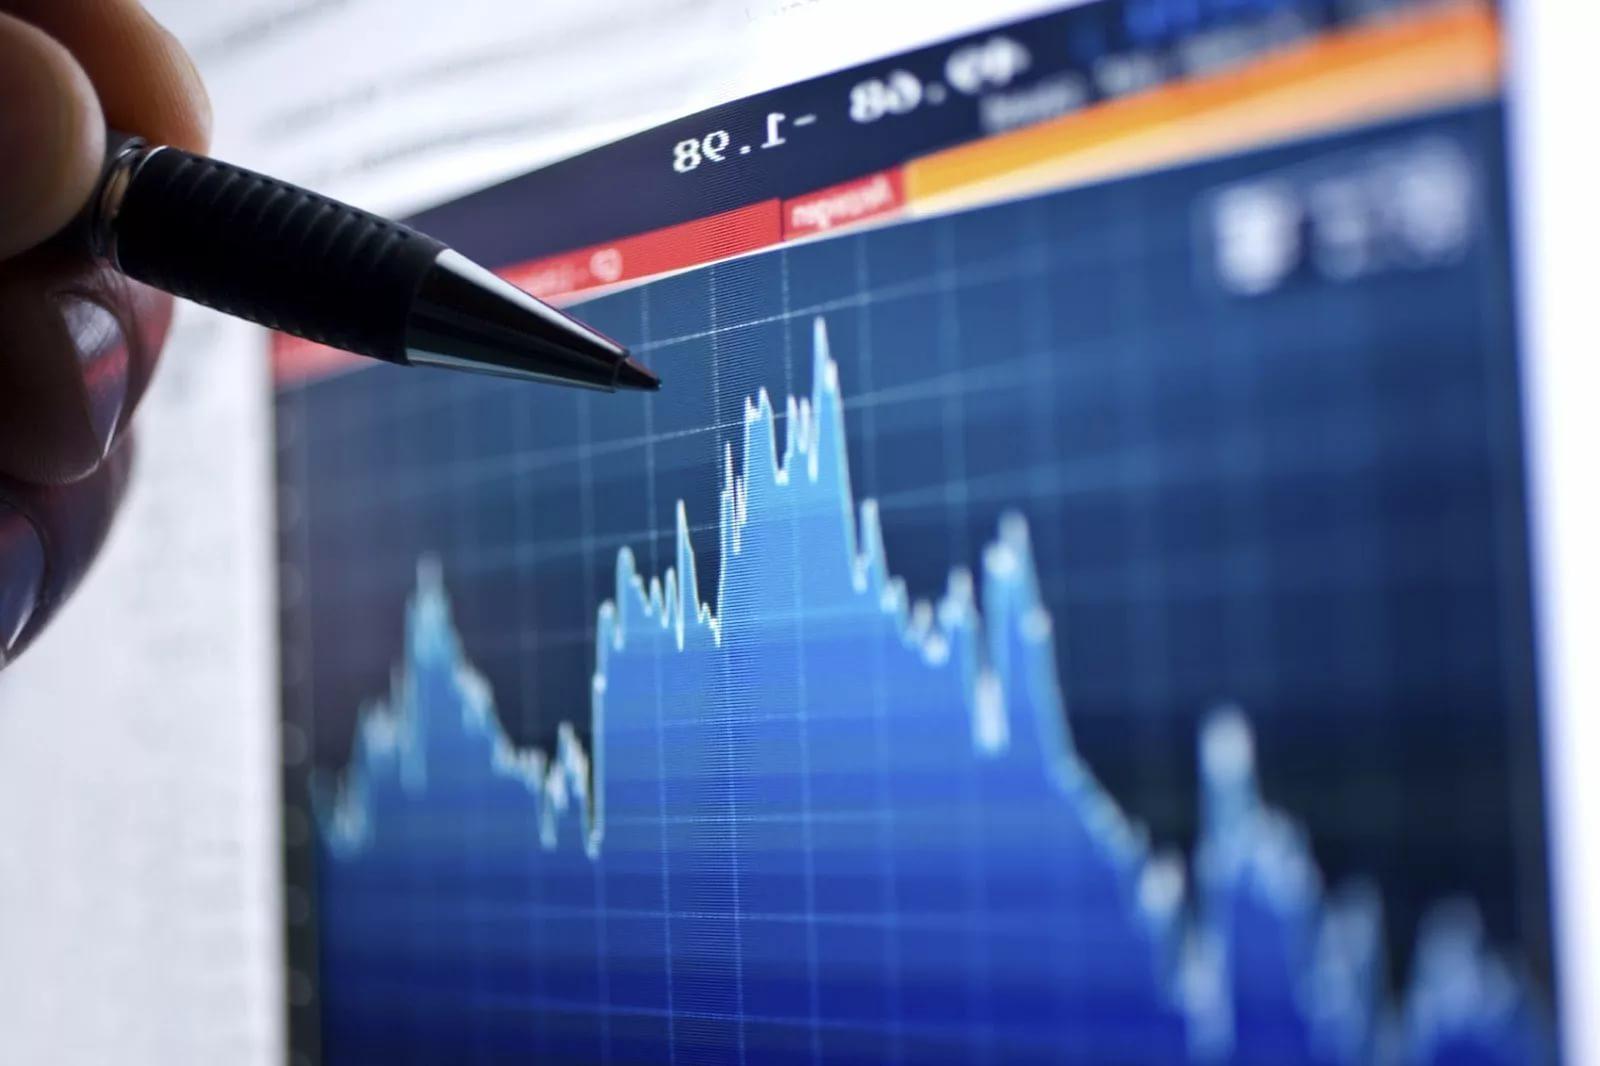 Рынок ценных бумаг в западной европе